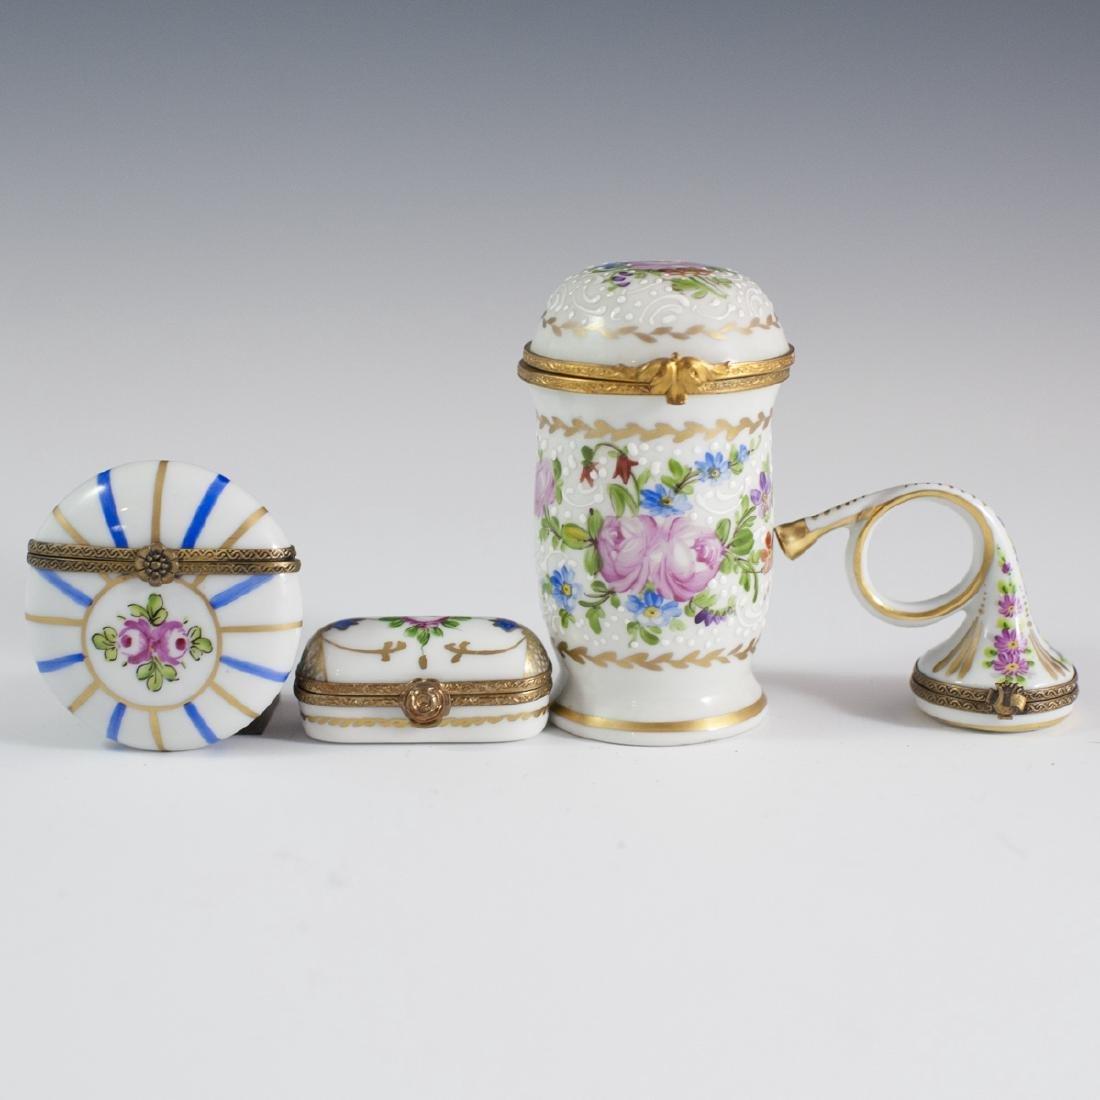 Limoges Porcelain Trinket Boxes